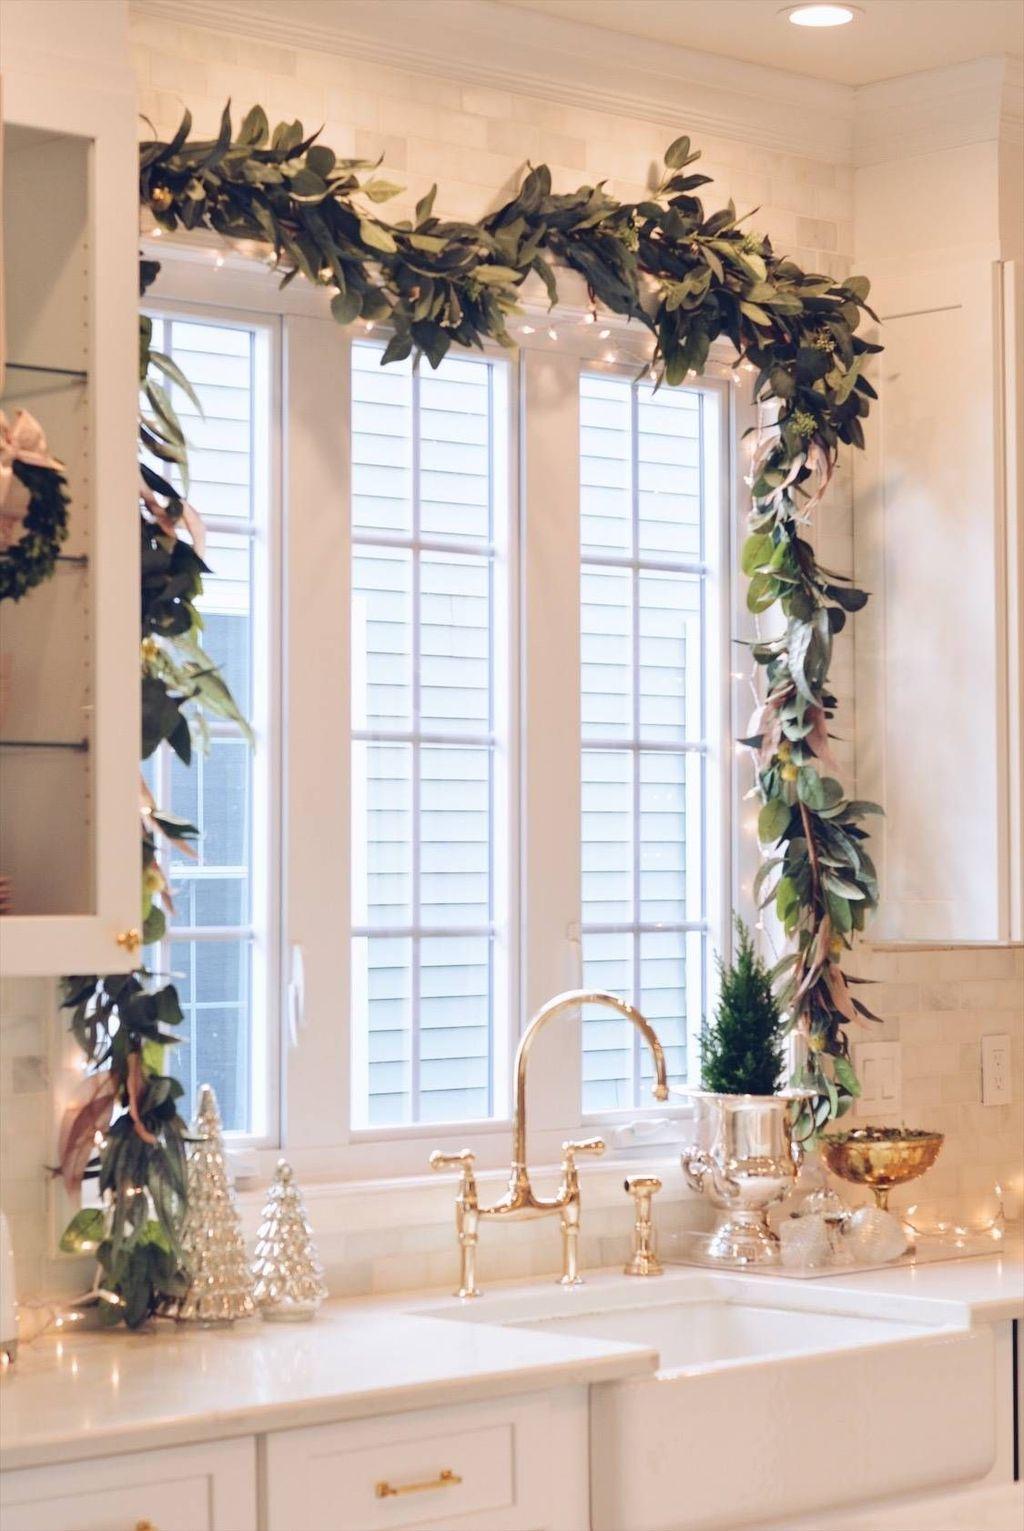 Awesome Christmas Theme Kitchen Decor Ideas 17